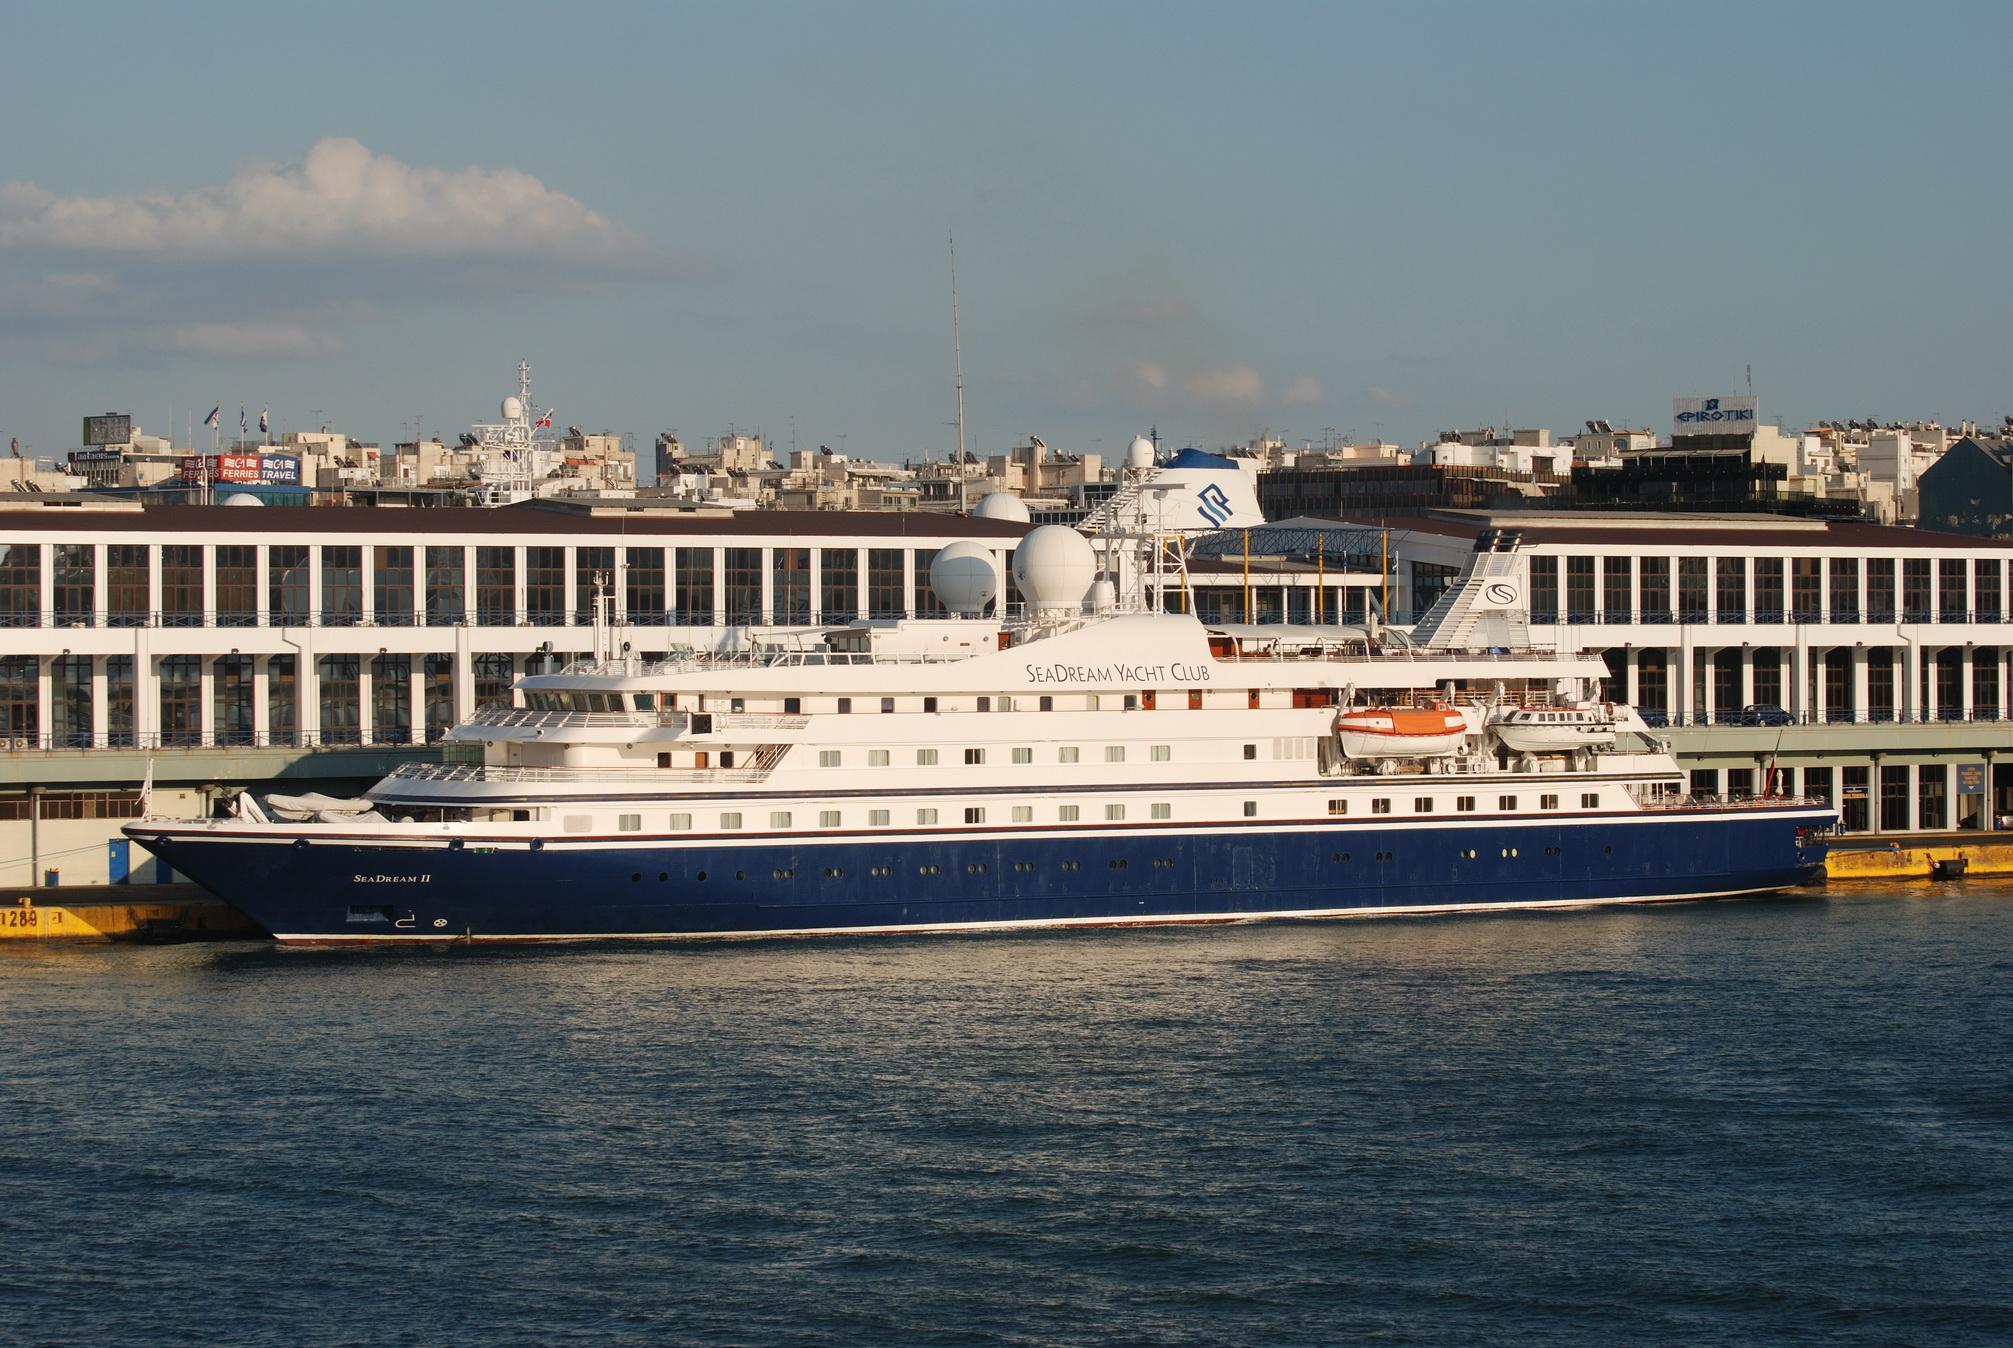 Seadream II in Piraeus